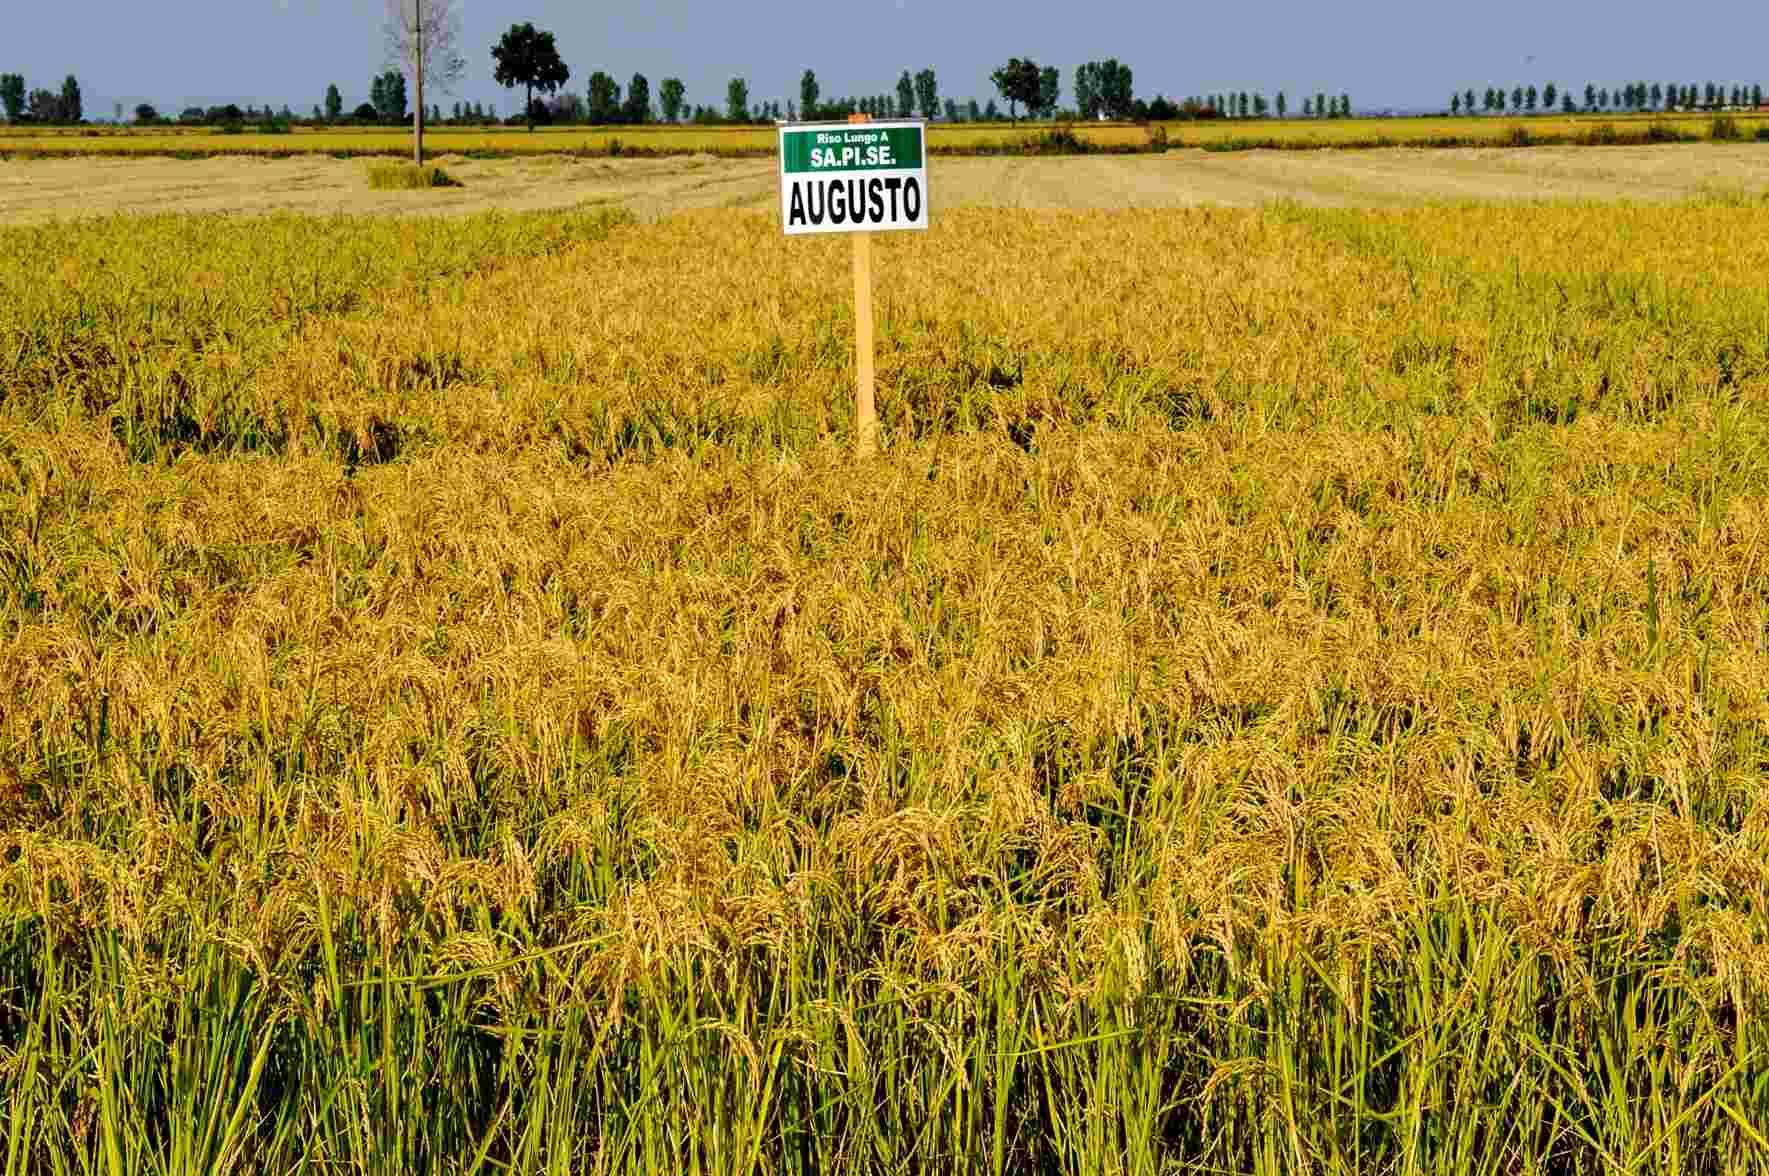 seme riso augusto campo coltivazione